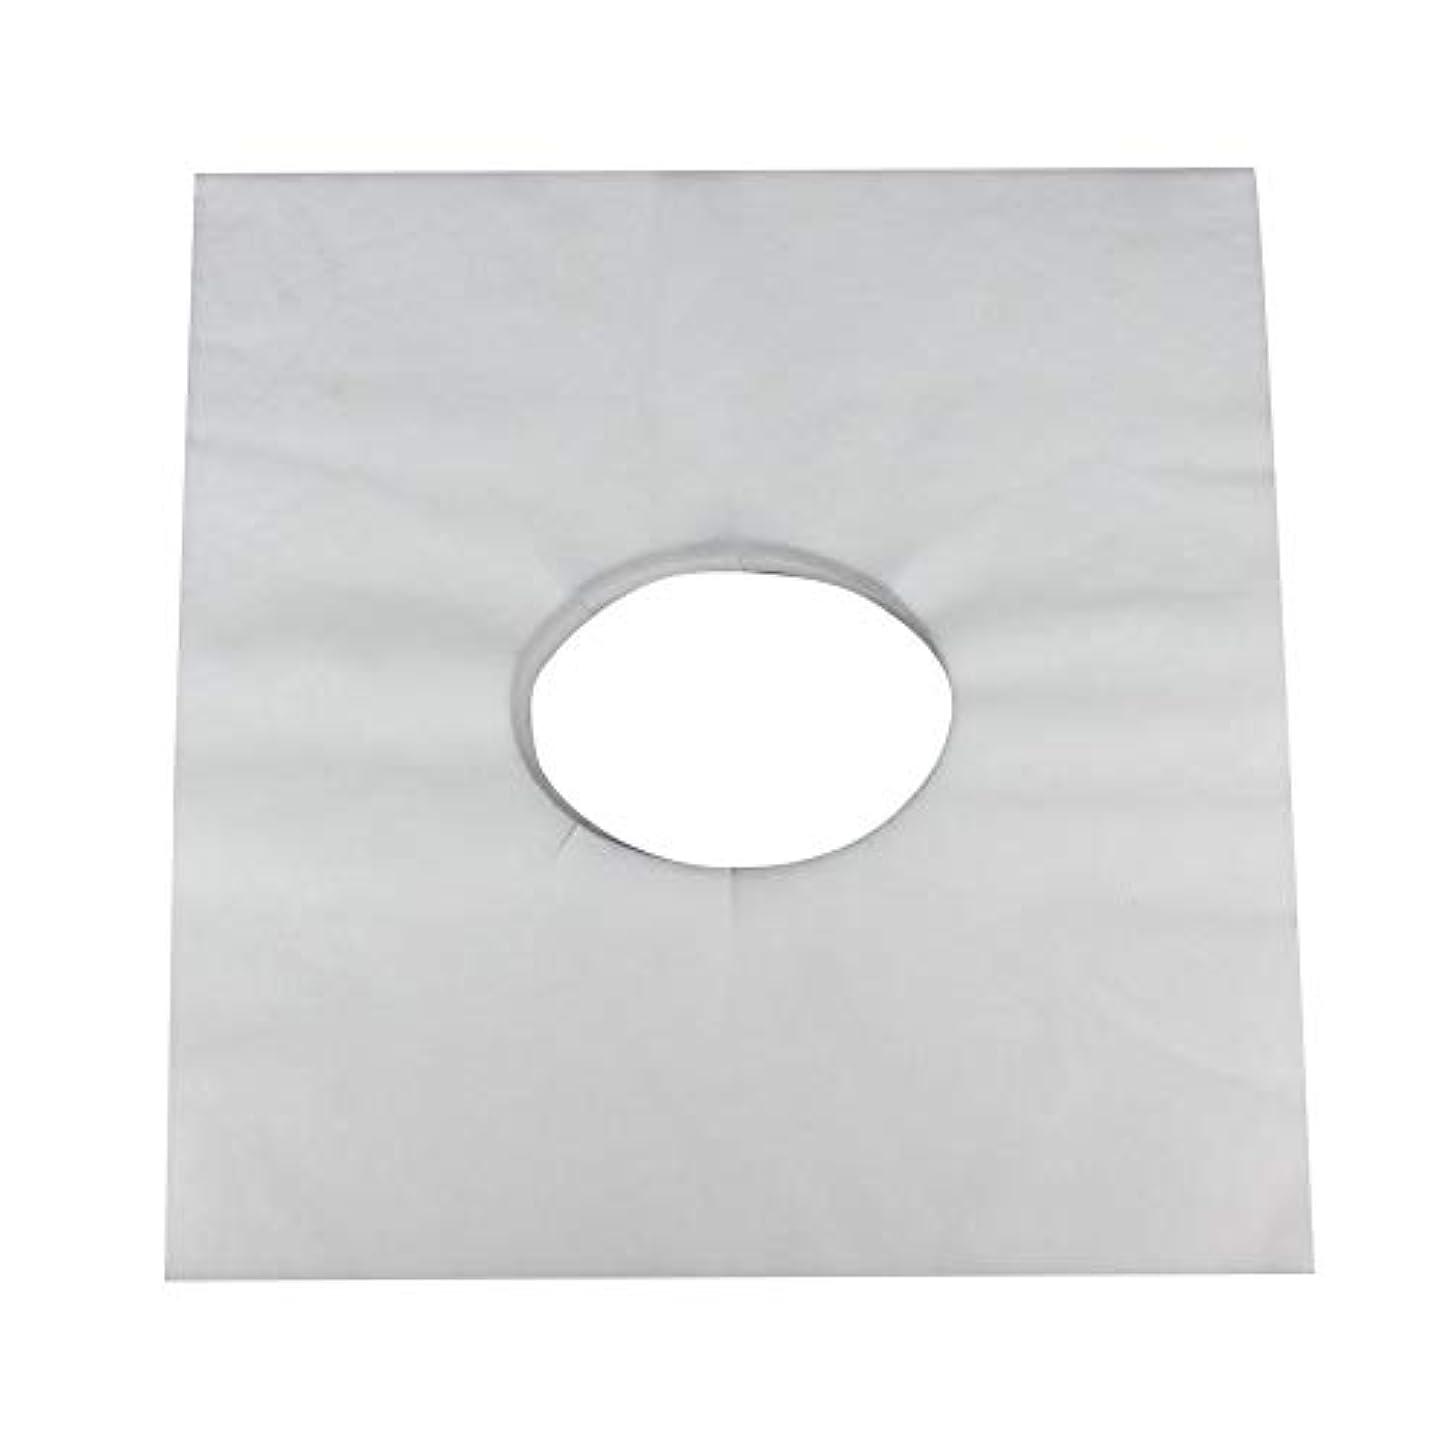 防止マットレス逸話マッサージのための使い捨て可能な美容院のベッドの表面穴カバー不織布マッサージテーブル枕カバー、100個(白)